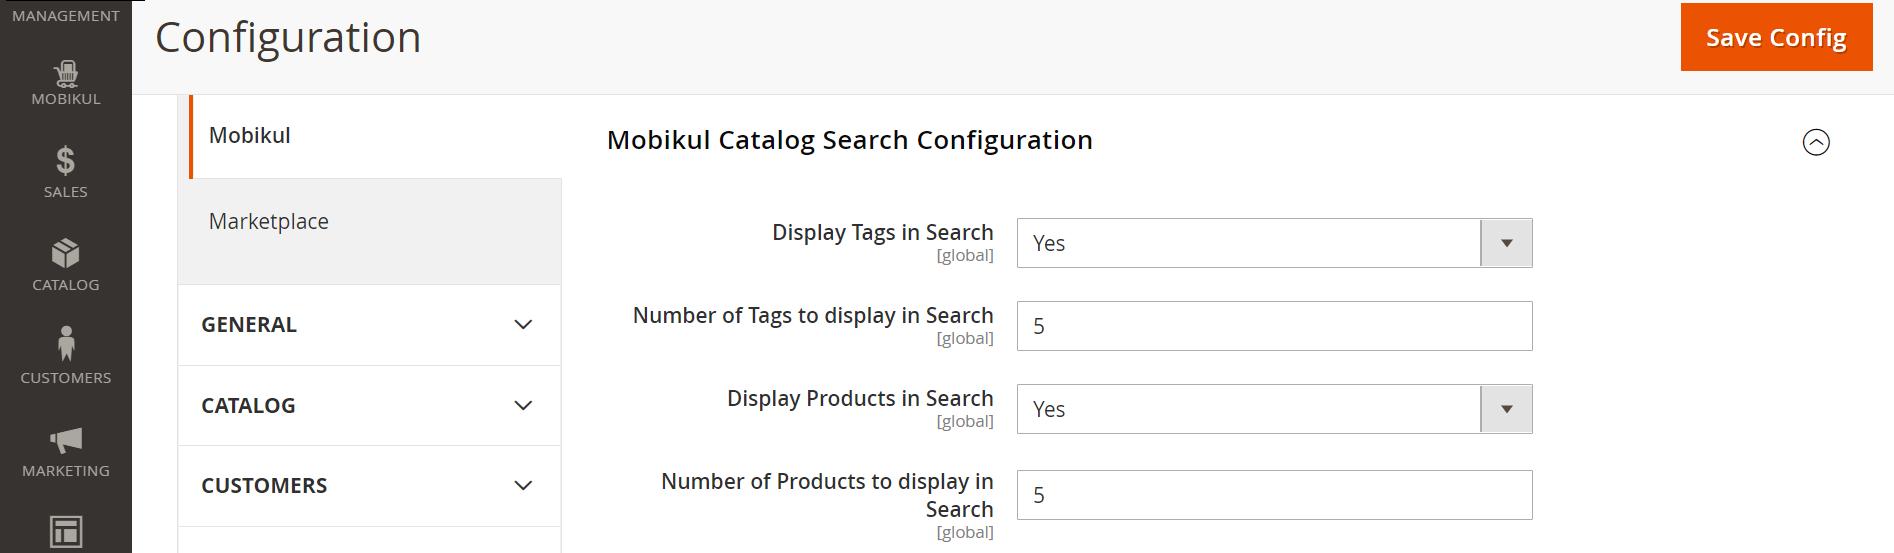 Mobikul catalog search configuration